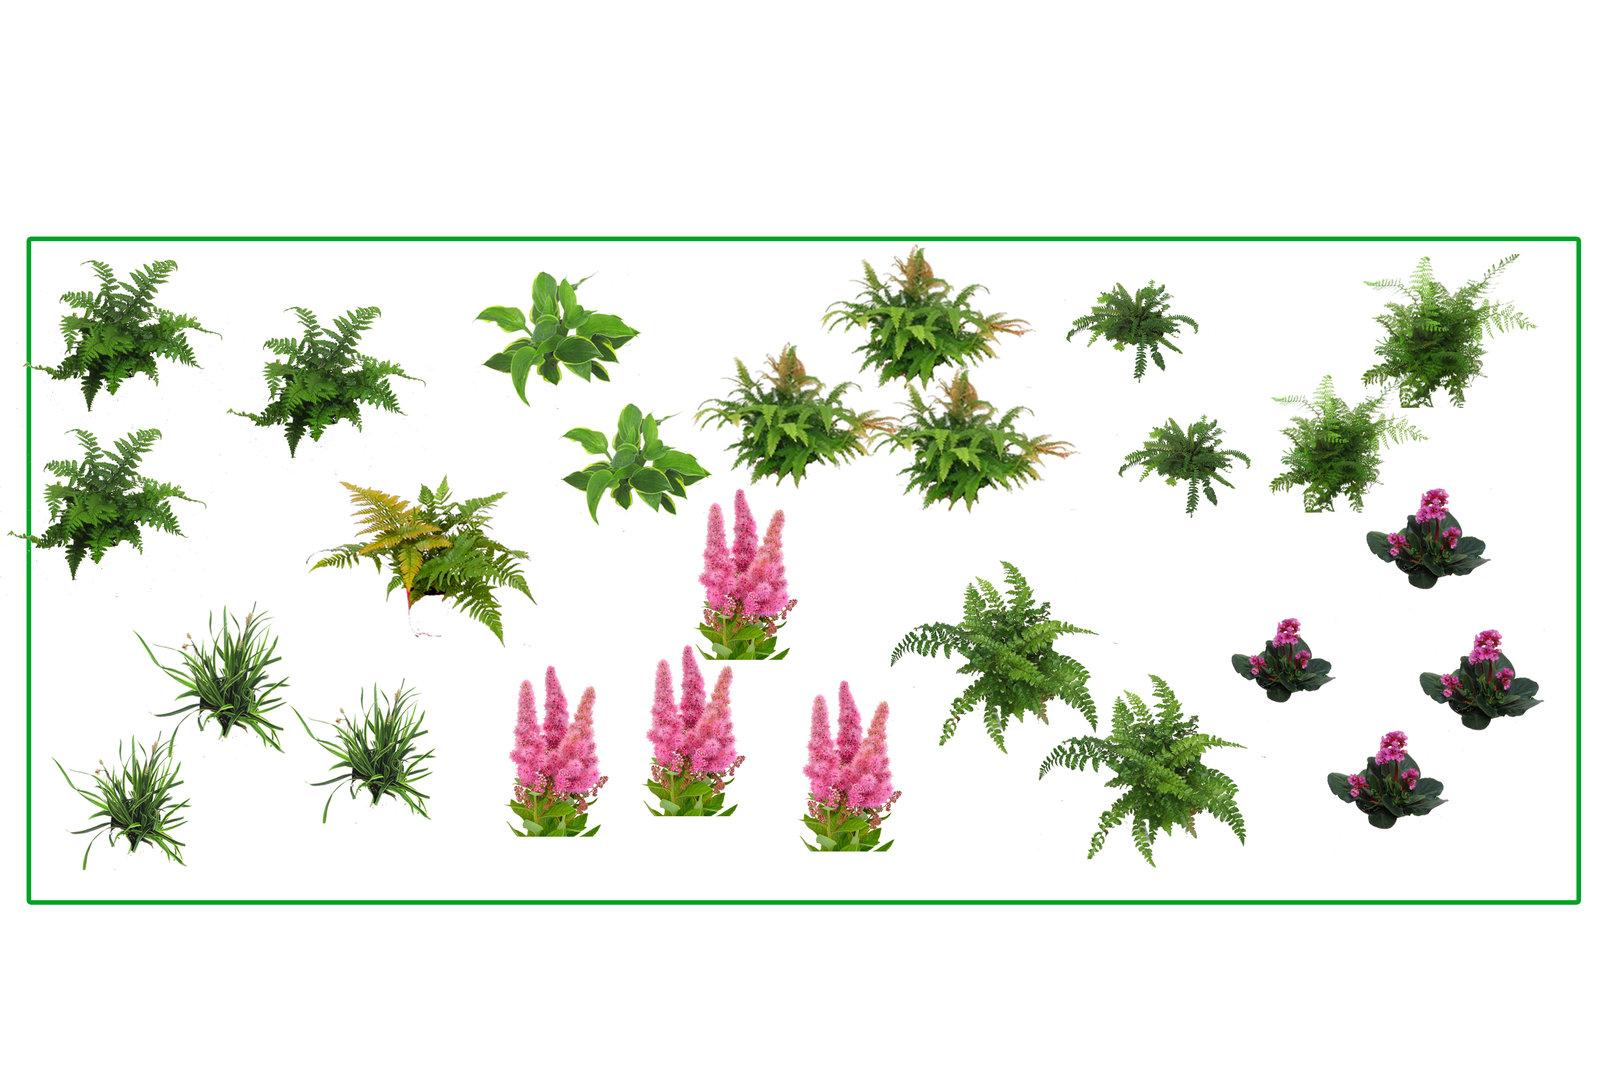 pflanzenset schattengarten ein farnenbeet f r ca 6 m f r halbschattige bis schattige lagen. Black Bedroom Furniture Sets. Home Design Ideas